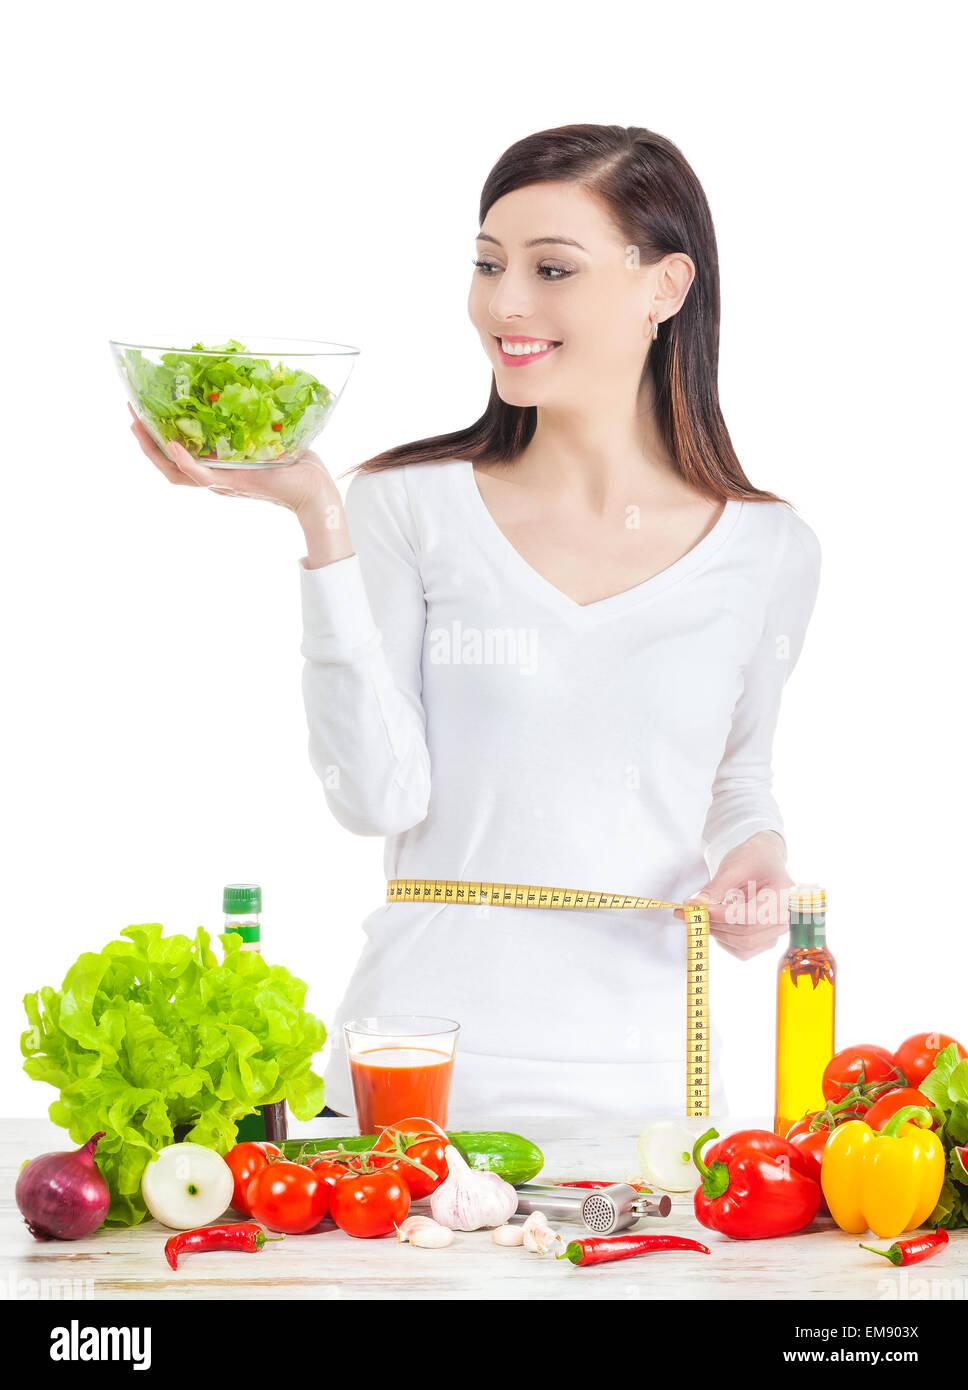 Glückliche Mädchen mit Salat, messen ihre Taille. Gesunde Ernährung und Lifestyle-Konzept. Stockbild